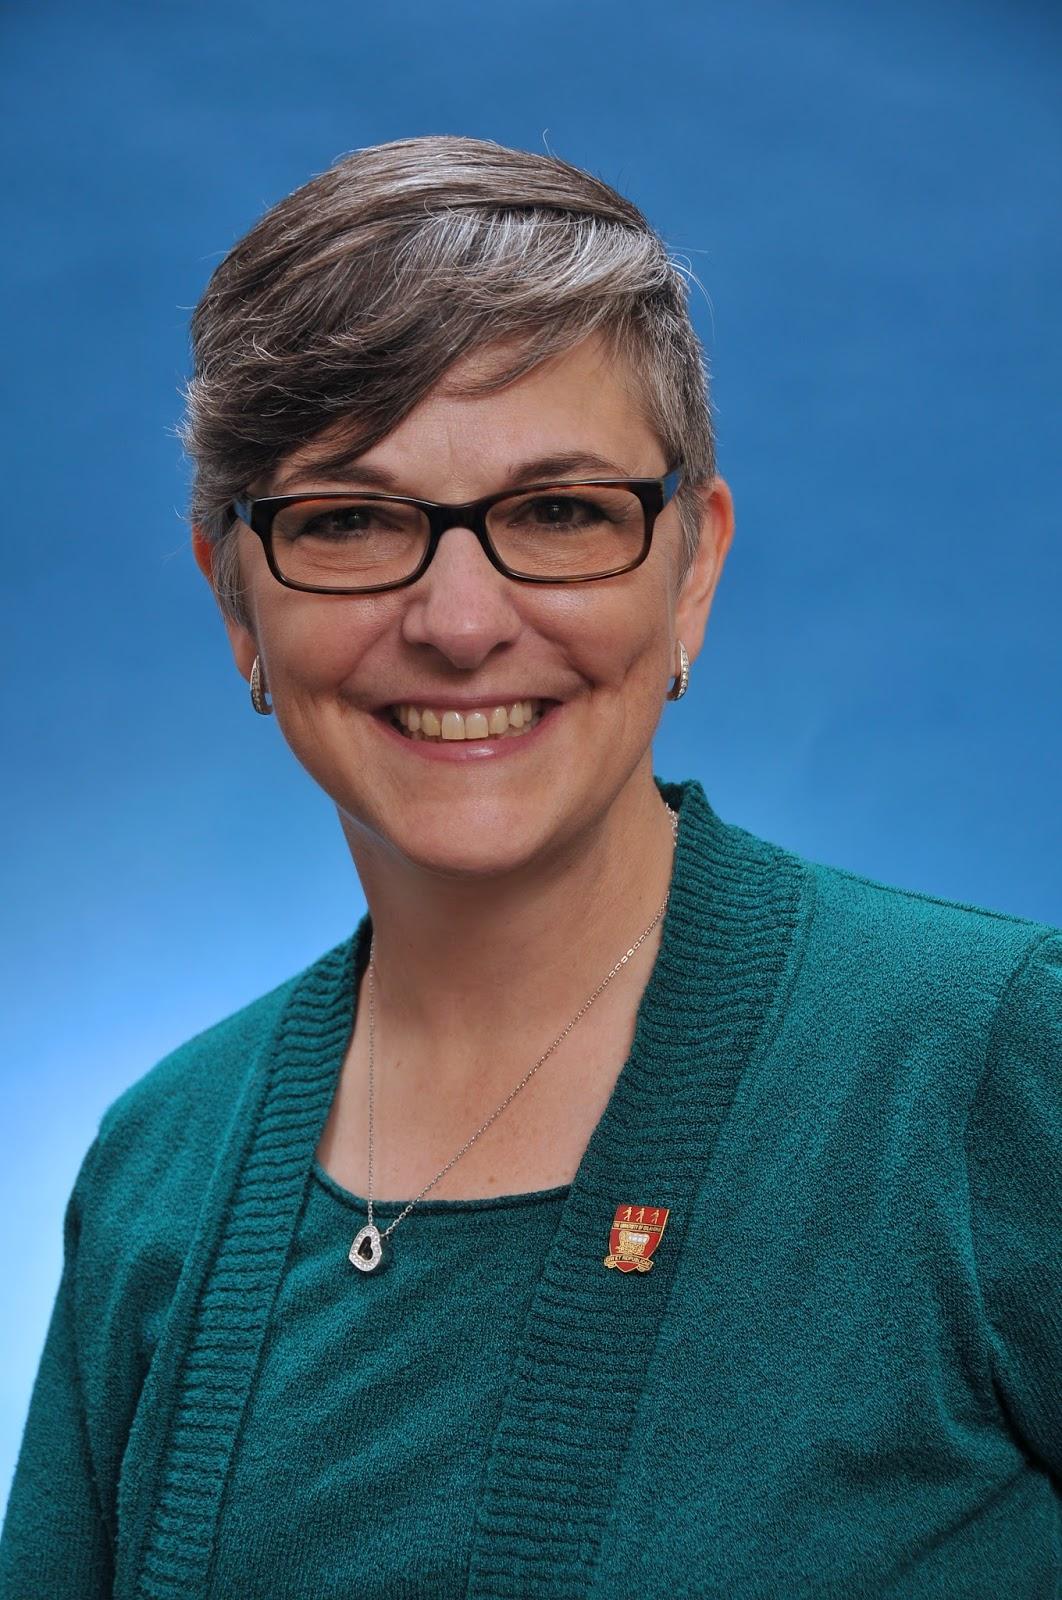 Caroline Catz (born 1969) advise